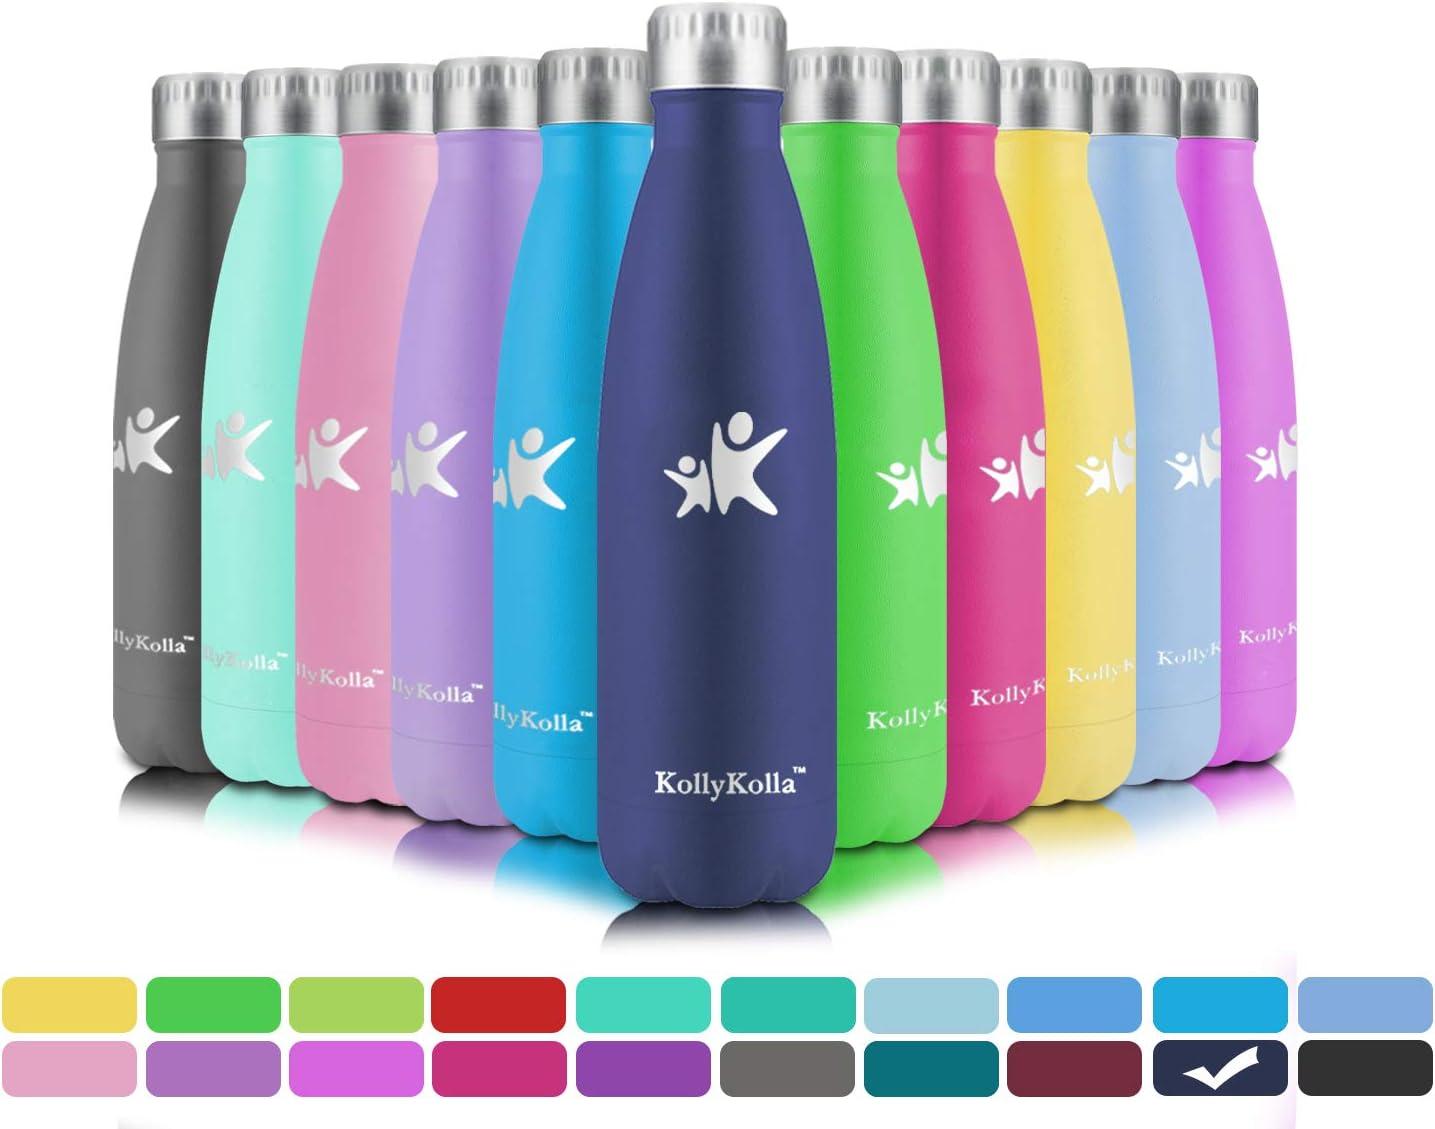 KollyKolla Botella de Agua Acero Inoxidable, Termo Sin BPA Ecológica, Botellas Termica Reutilizable Frascos Térmicos para Niños & Adultos, Deporte, Oficina, Yoga, Ciclismo, (500ml Azul Oscuro)